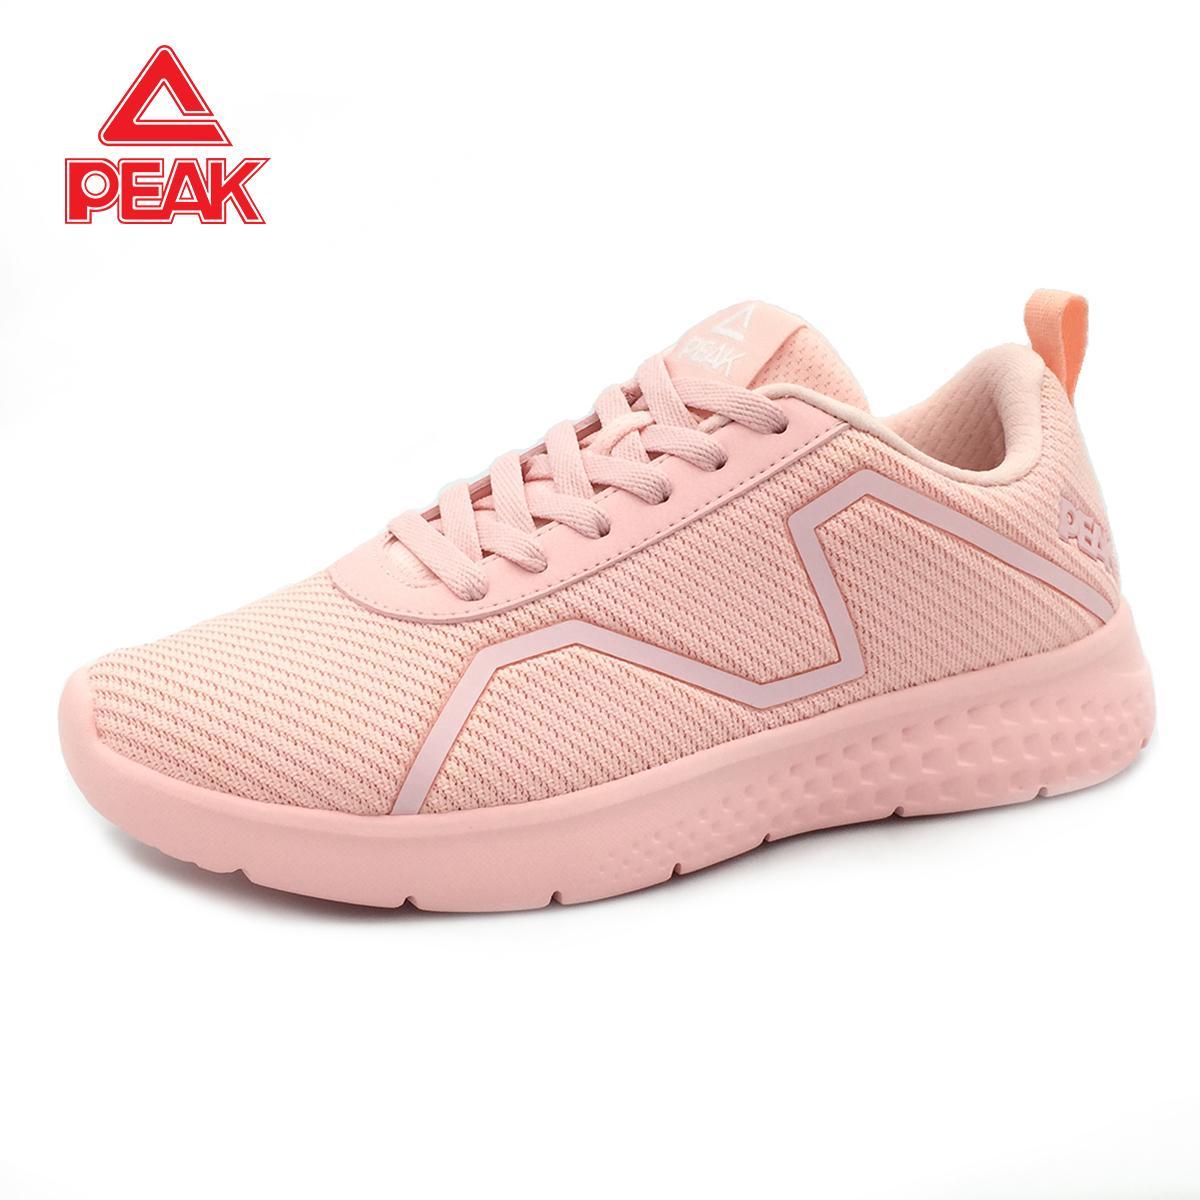 Peak Women's Casual Sports Sneakers